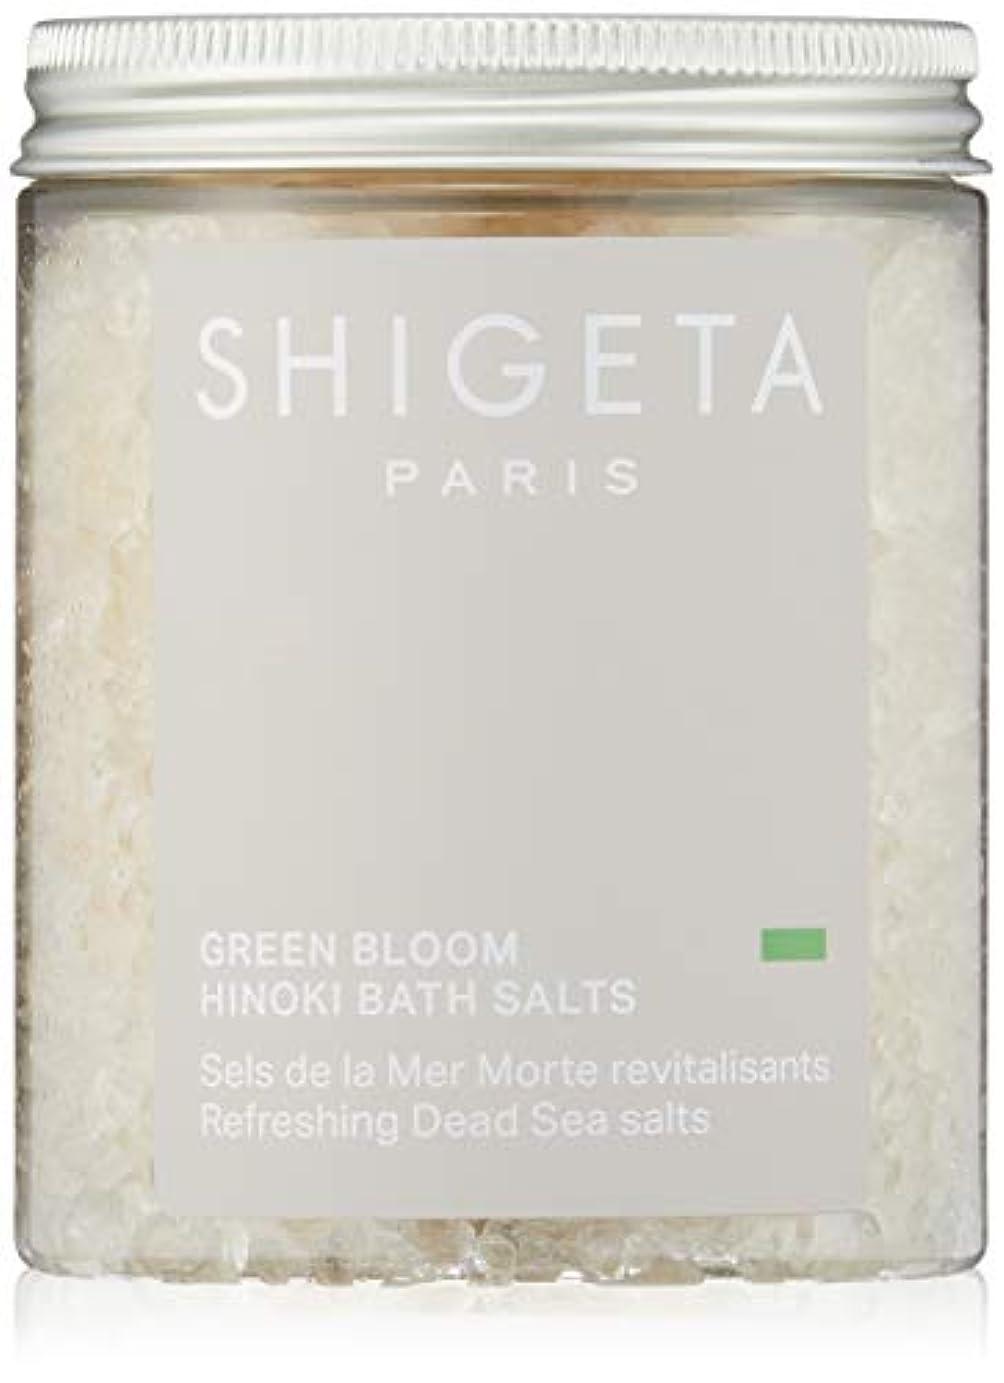 揺れるバケット方法論SHIGETA(シゲタ) グリーンブルーム バスソルト 285g